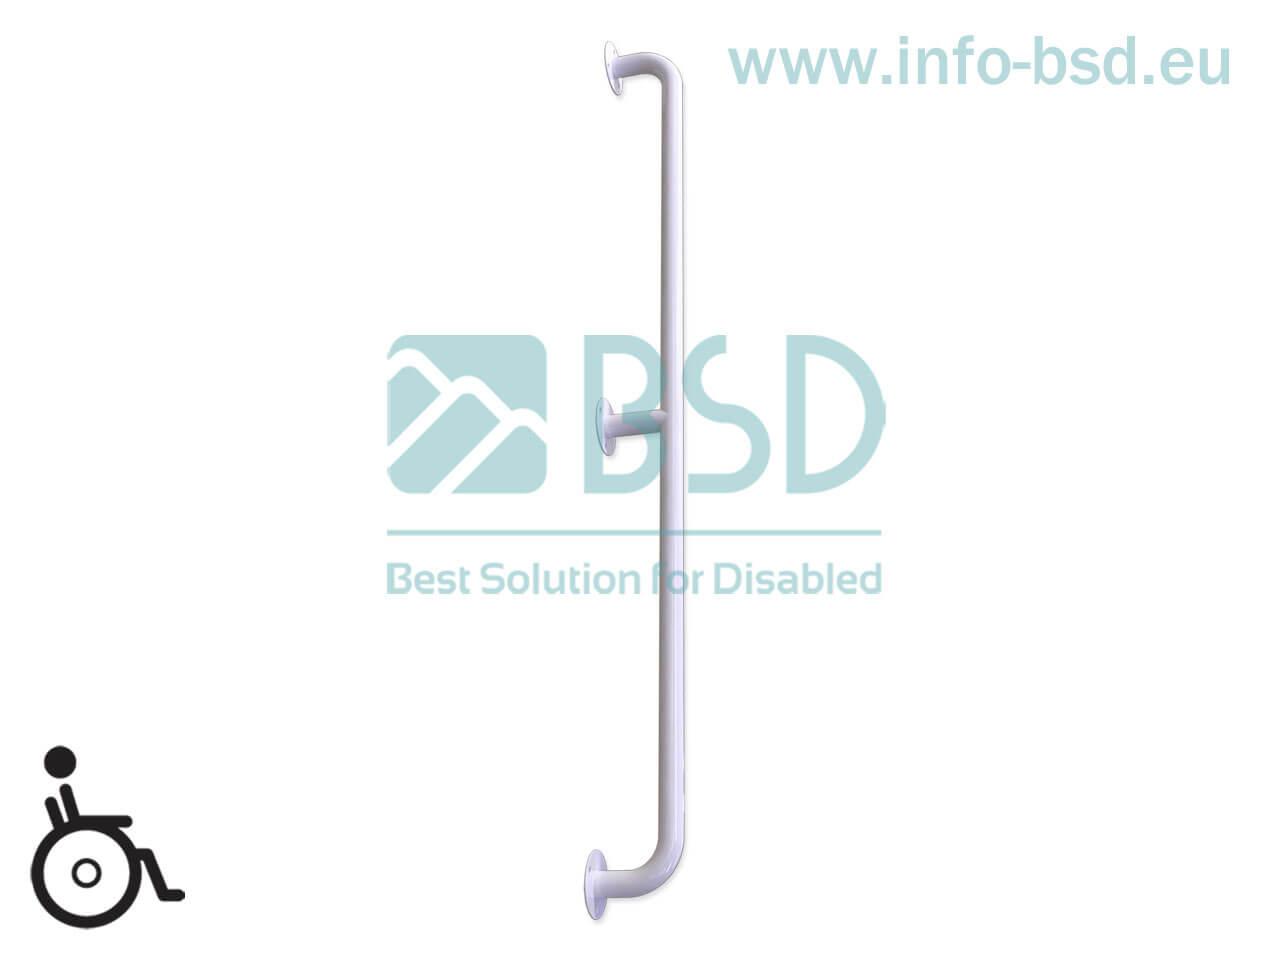 poręcz prosta dla niepelnosprawnych seria STANDARD UP 11-20 fi32 BSD